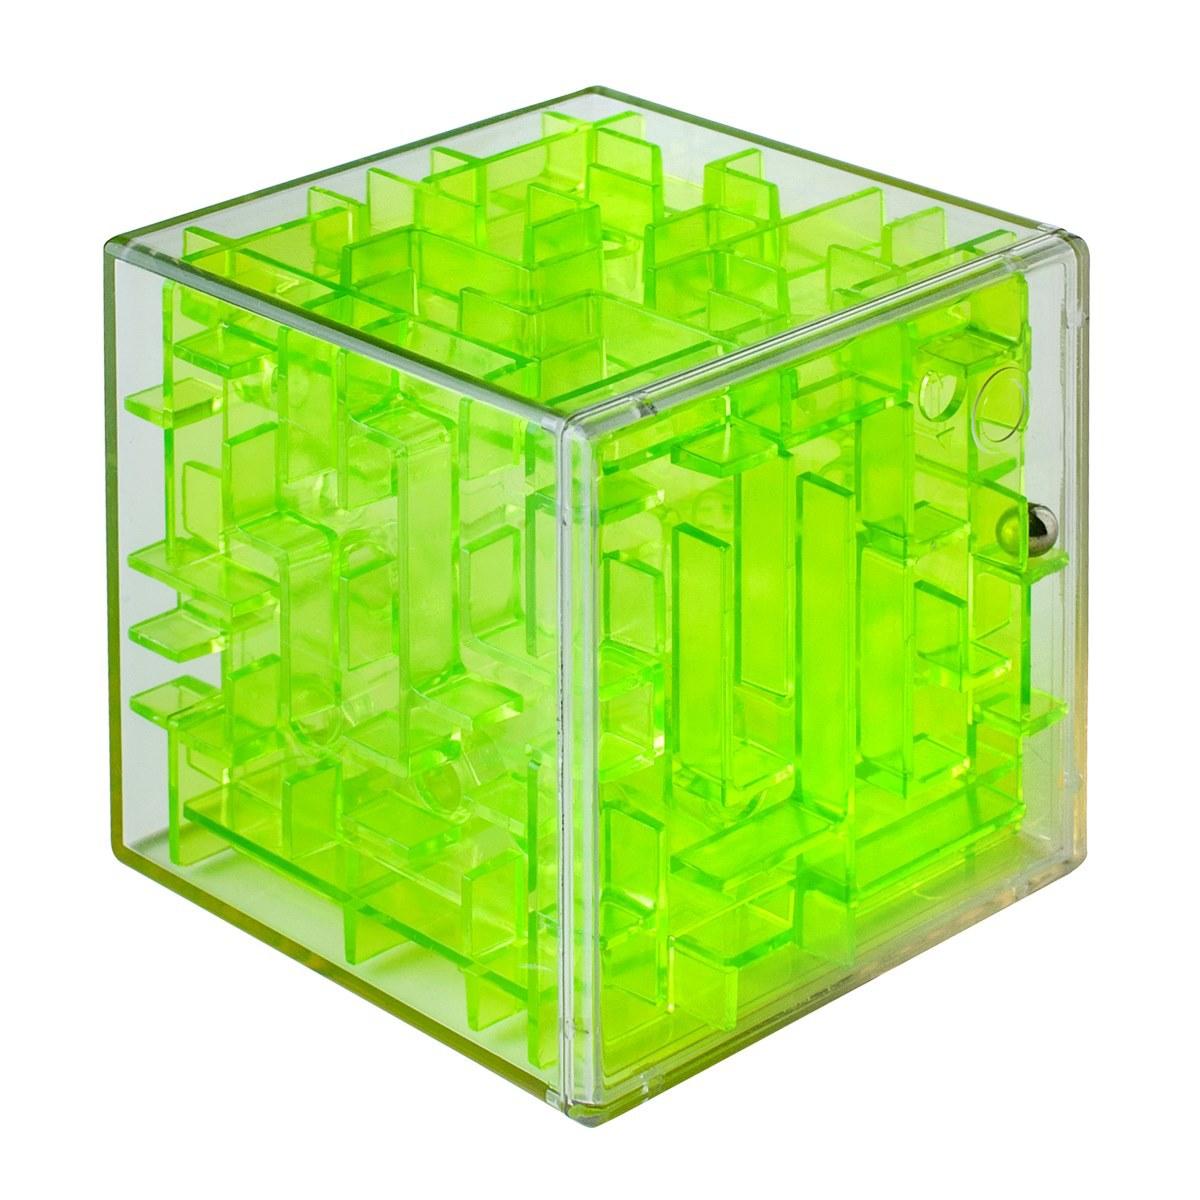 Labirintus Головоломка Куб цвет зеленый 6 см